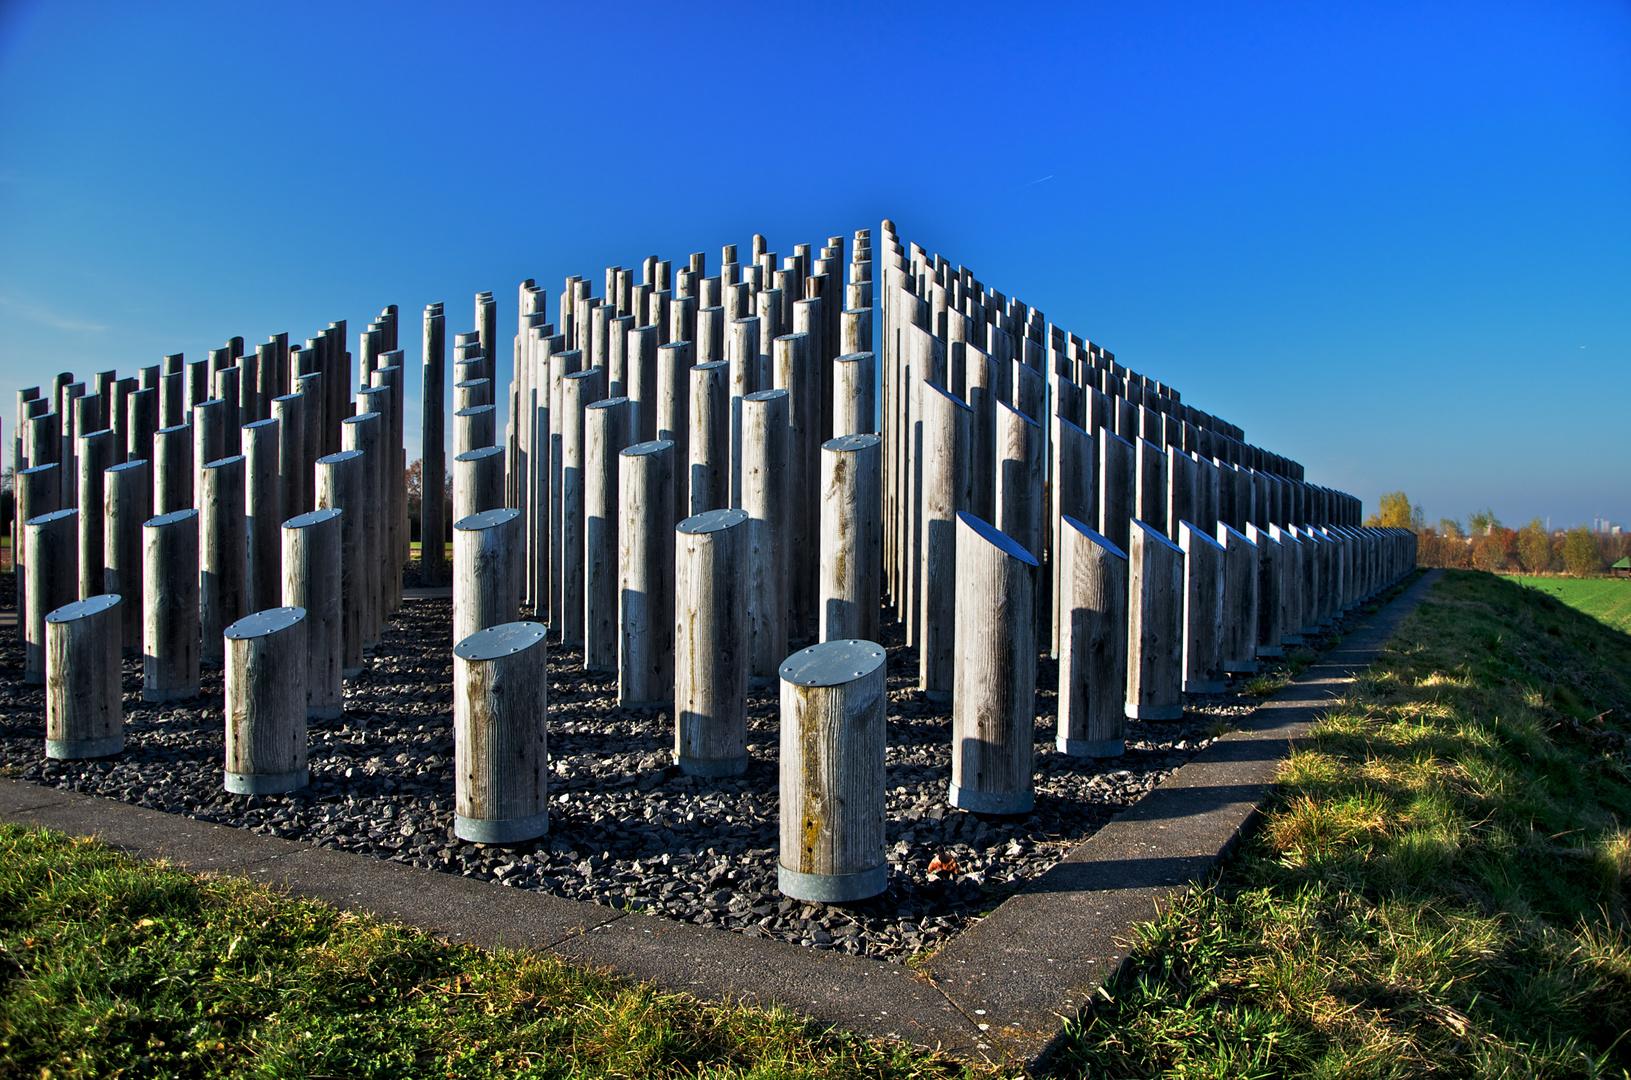 Pyramide Neuhof